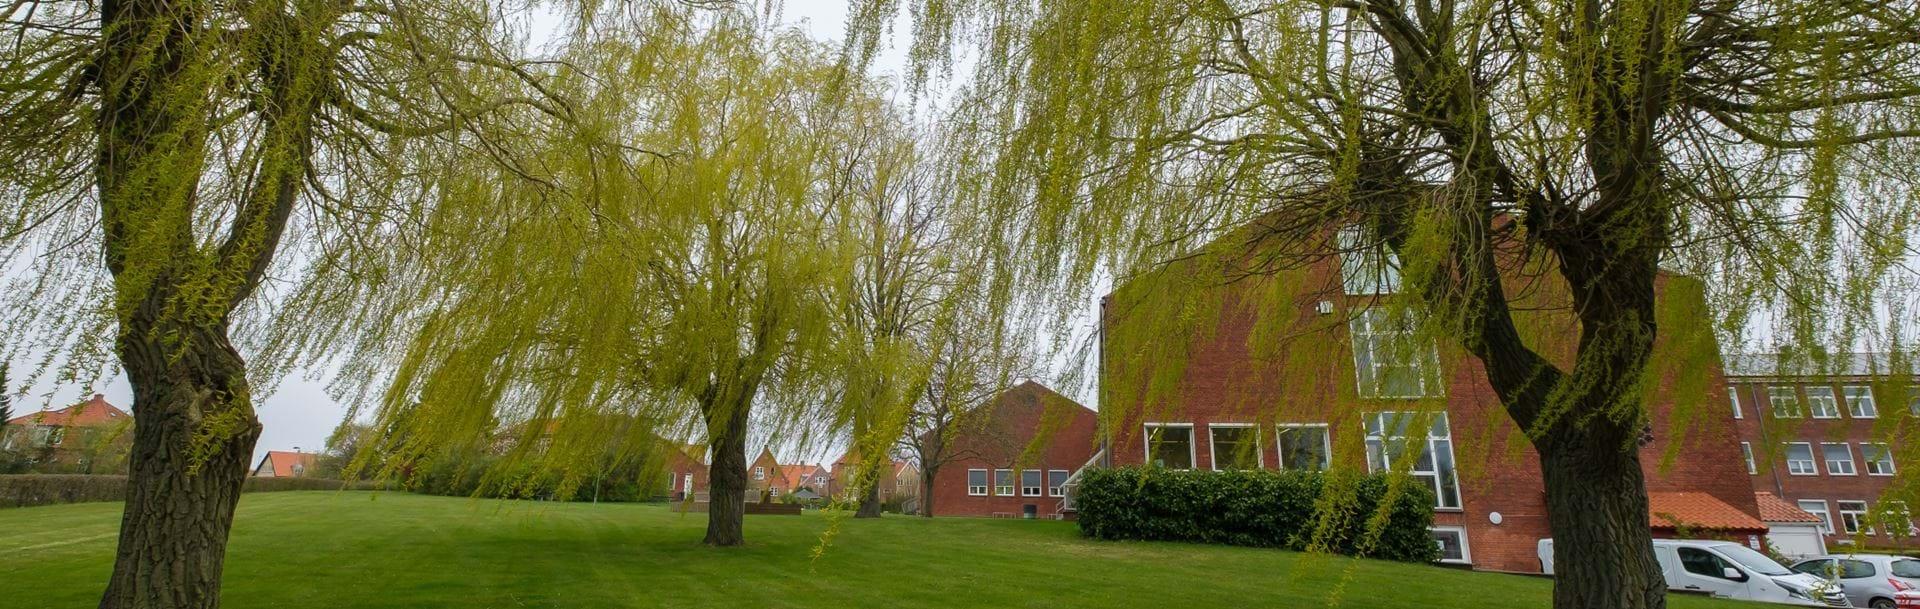 Nykøbing Katedralskole set fra parken med store træer i forgrunden